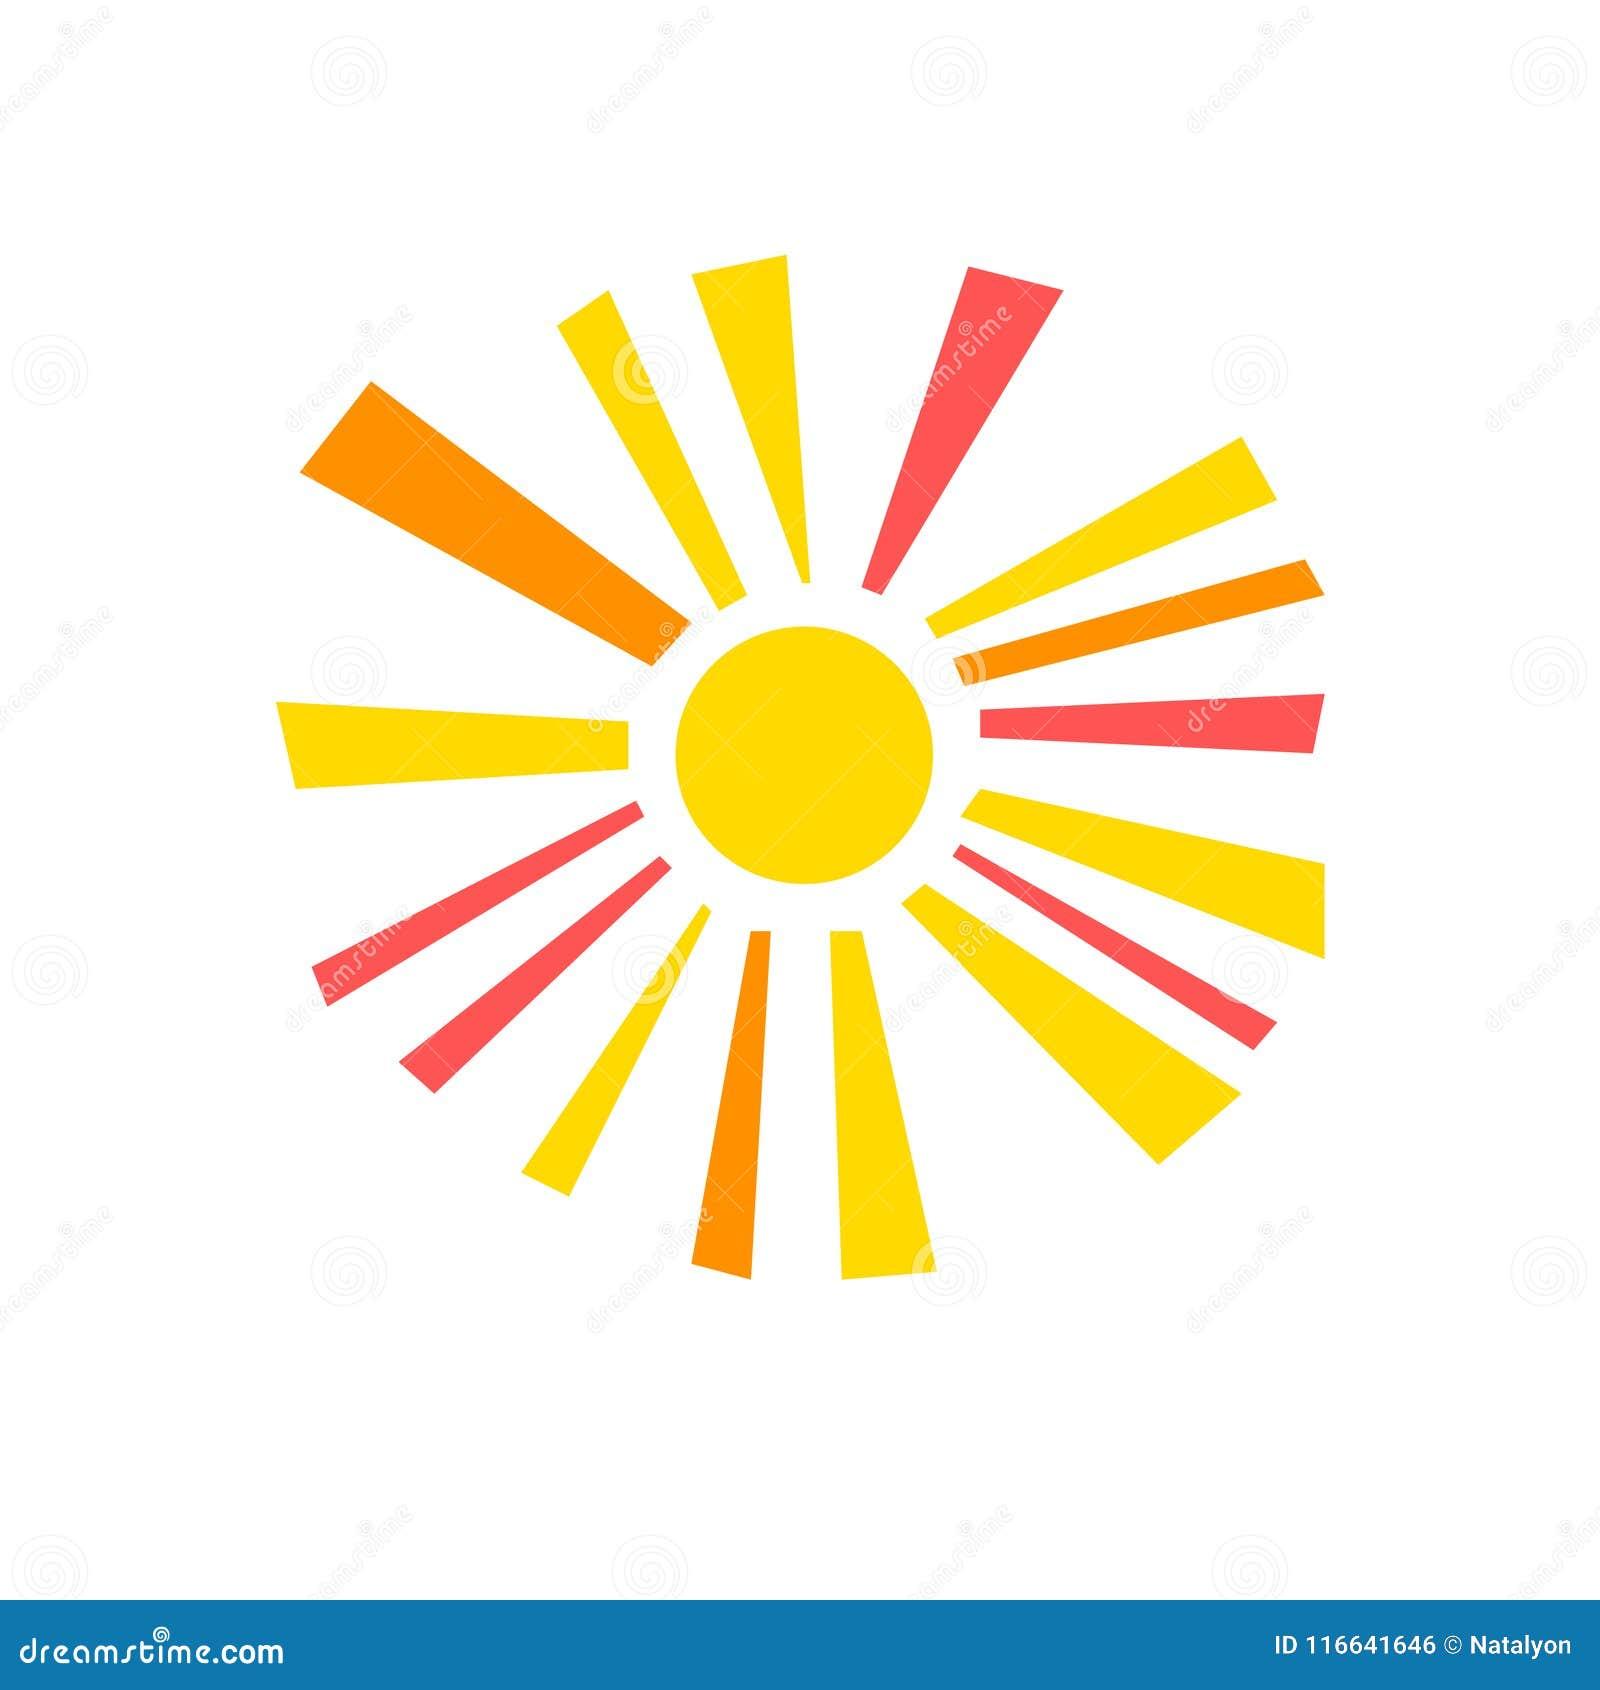 Sol de brilho geométrico simples colorido com símbolo dos raios de sol, vetor